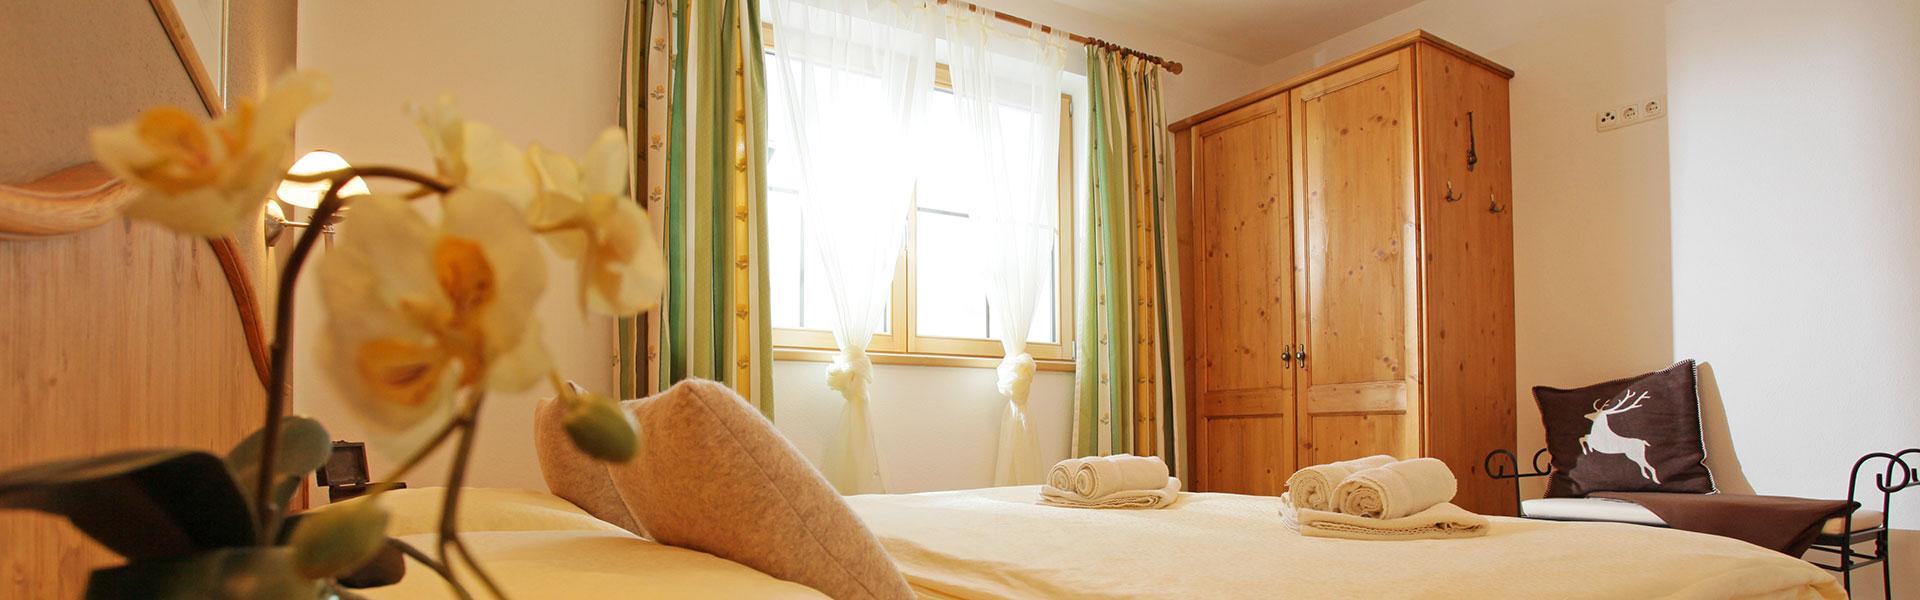 Familienfreundliche Appartements mit 2 großen Schlafzimmern